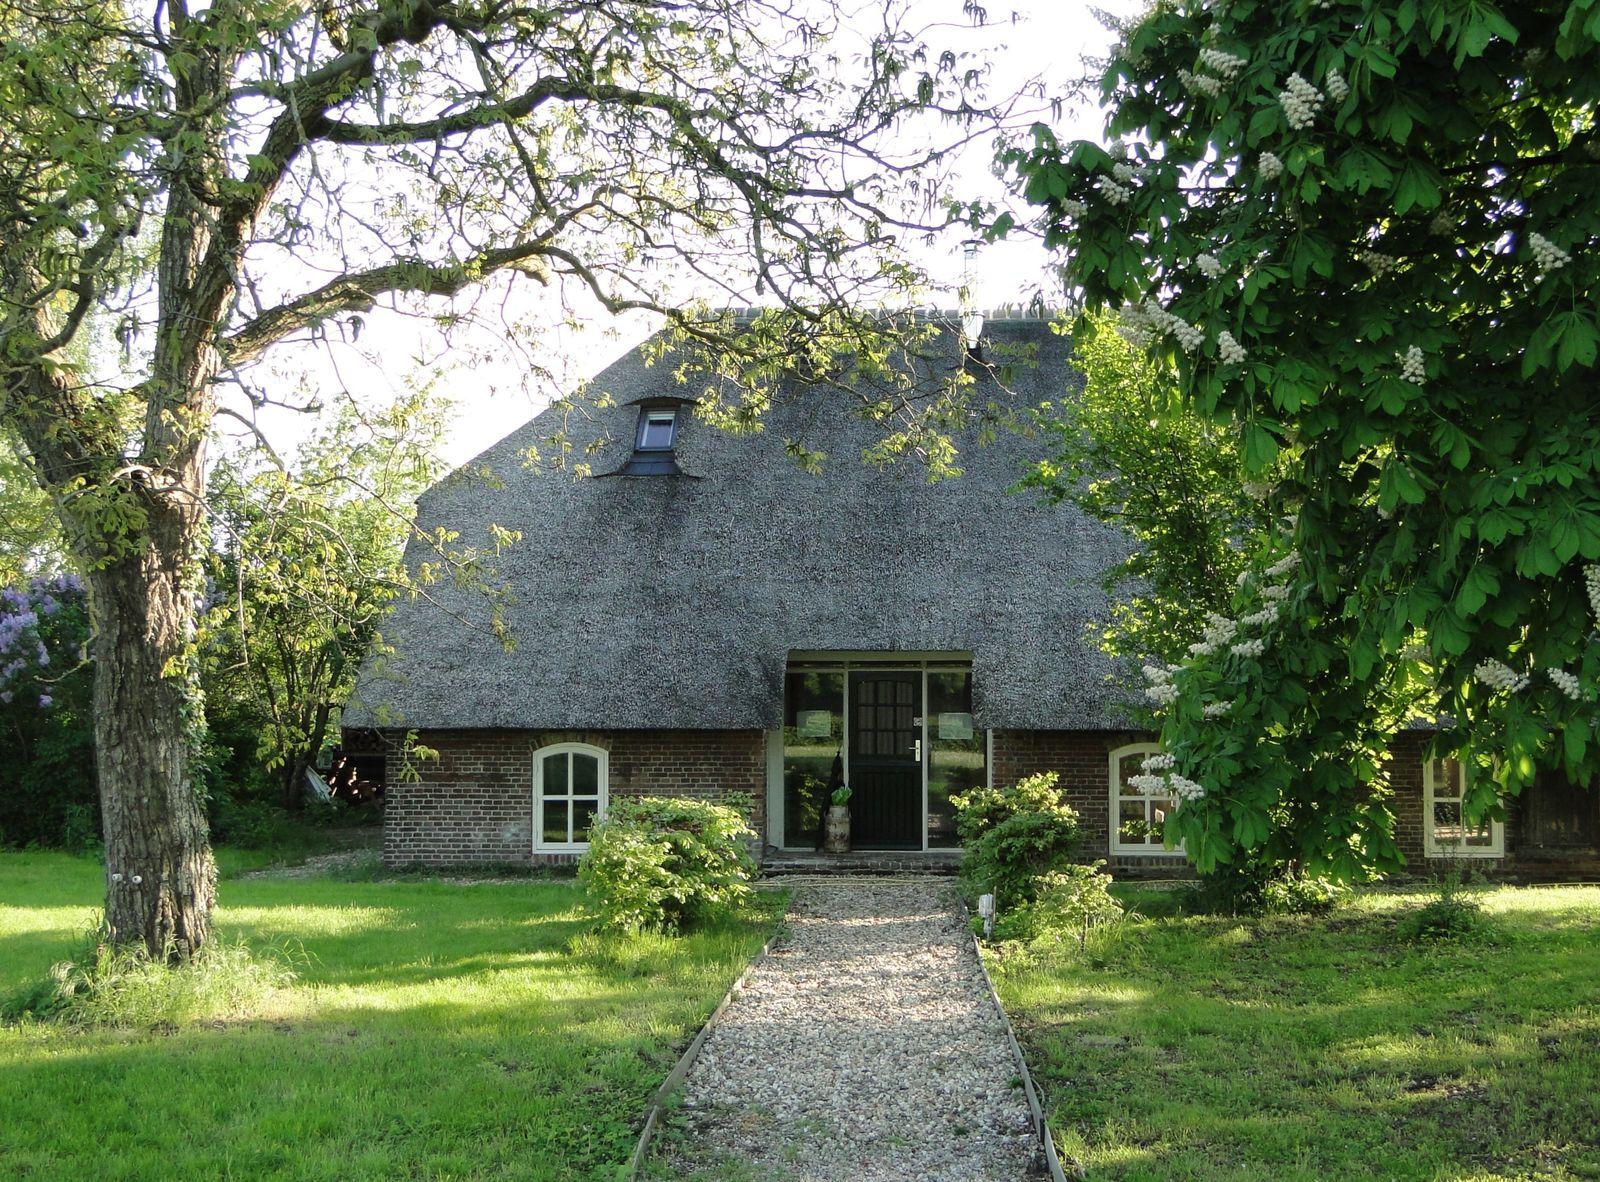 Afbeelding van Vakantieboerderij IJsselhoeve Oost - vakantiehuisje Overijssel